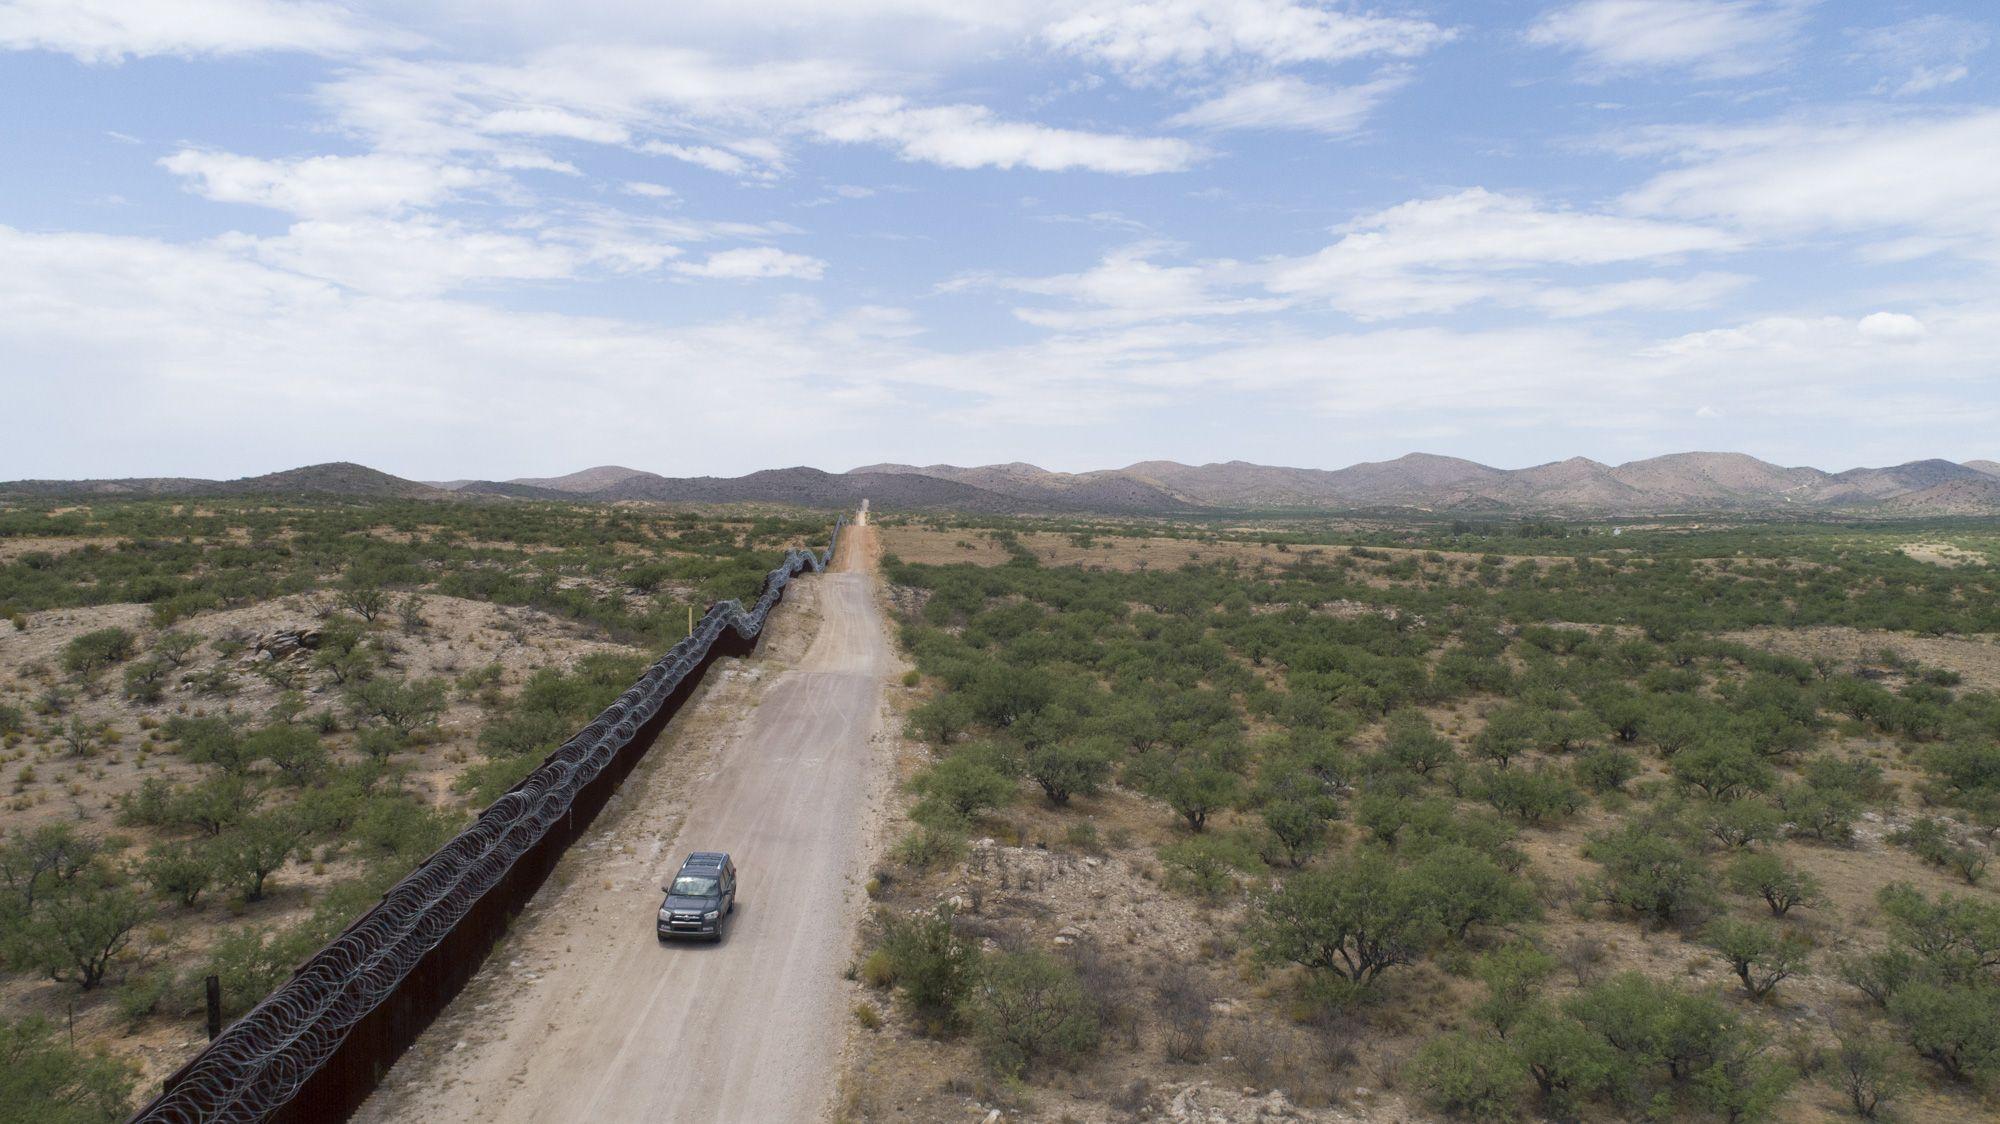 Trump could begin deporting asylum-seekers to Honduras by 2020 - Axios